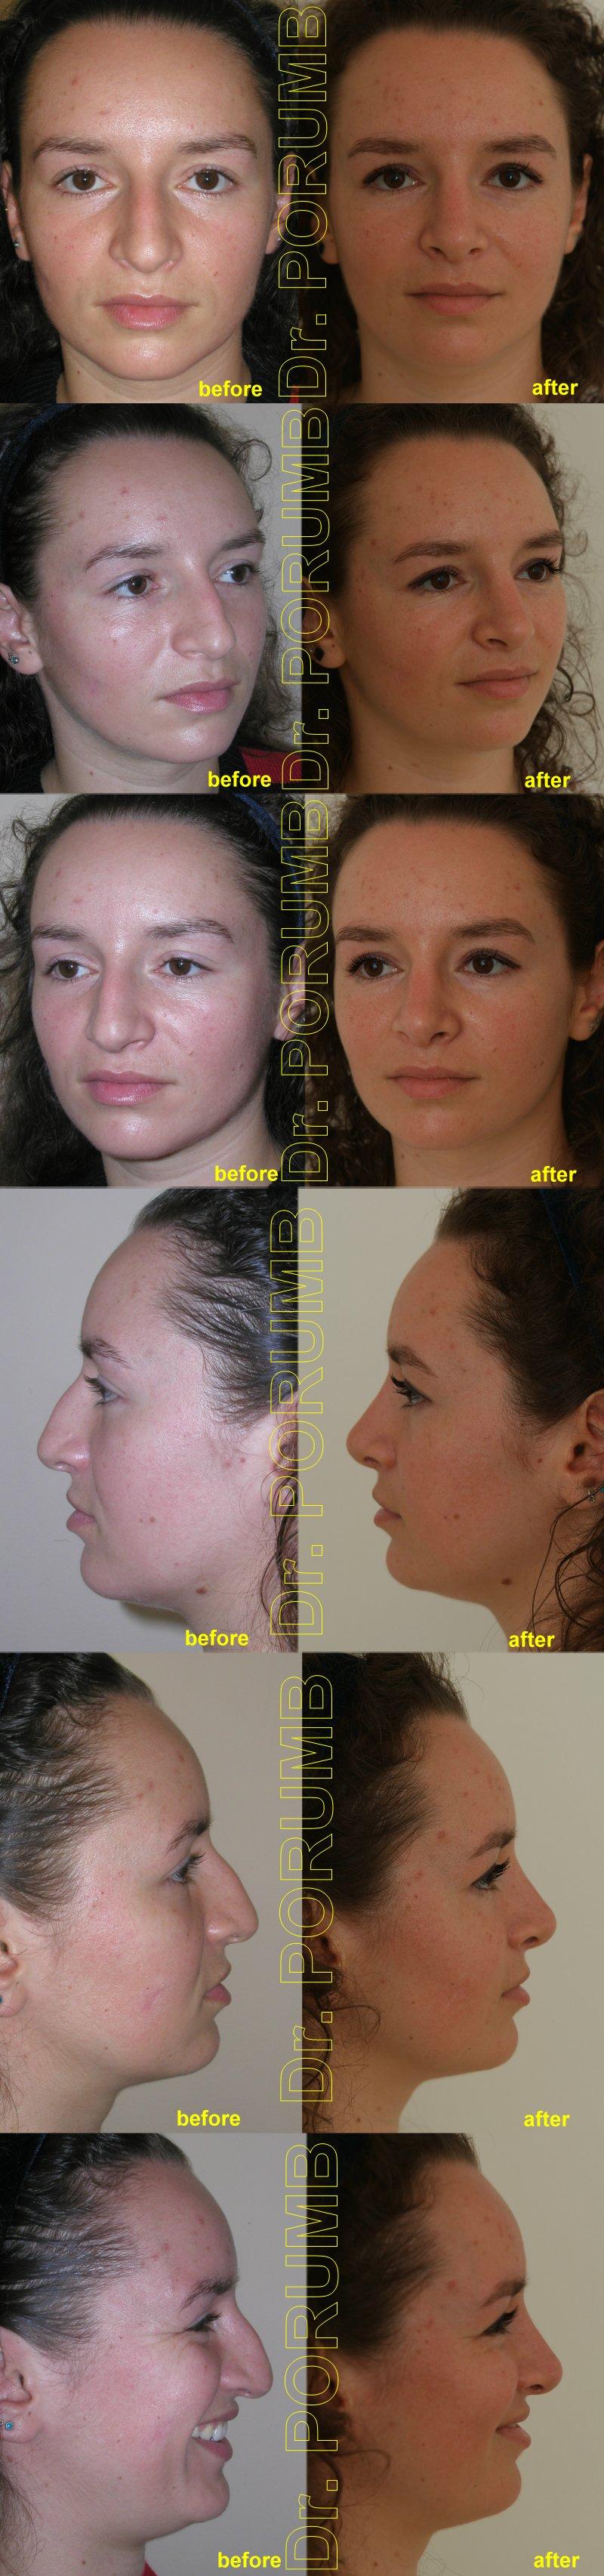 Pacienta de 27 ani, nemultumita de aspectul estetic al nasului, doreste sa apeleze la chirurgie estetica de rinoplastie (operatie estetica nas), cu corectia deviatiei de sept, indepartarea cocoasei si subtierea nasului si a bazei piramidei nazale